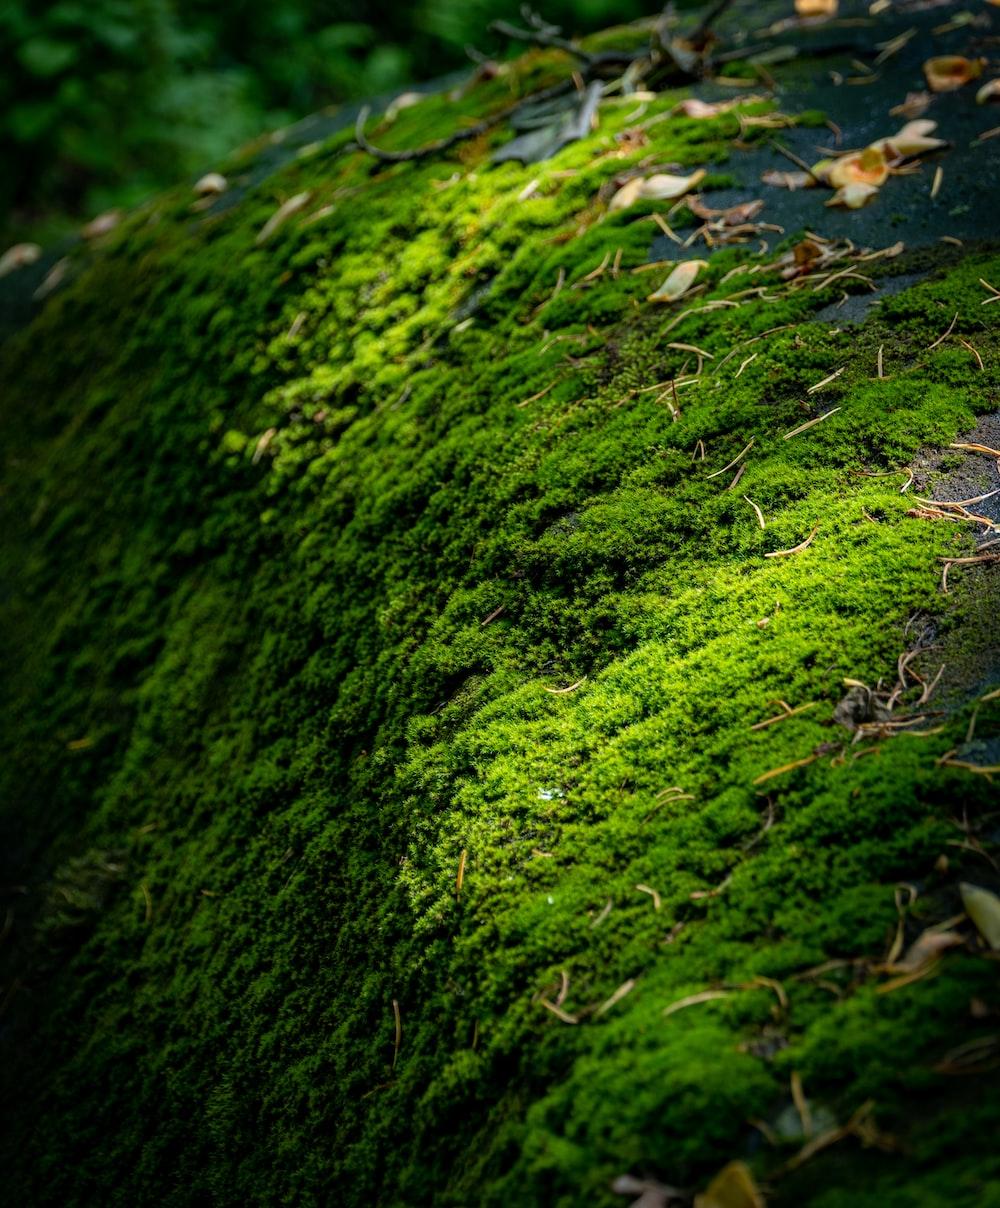 green moss on green grass